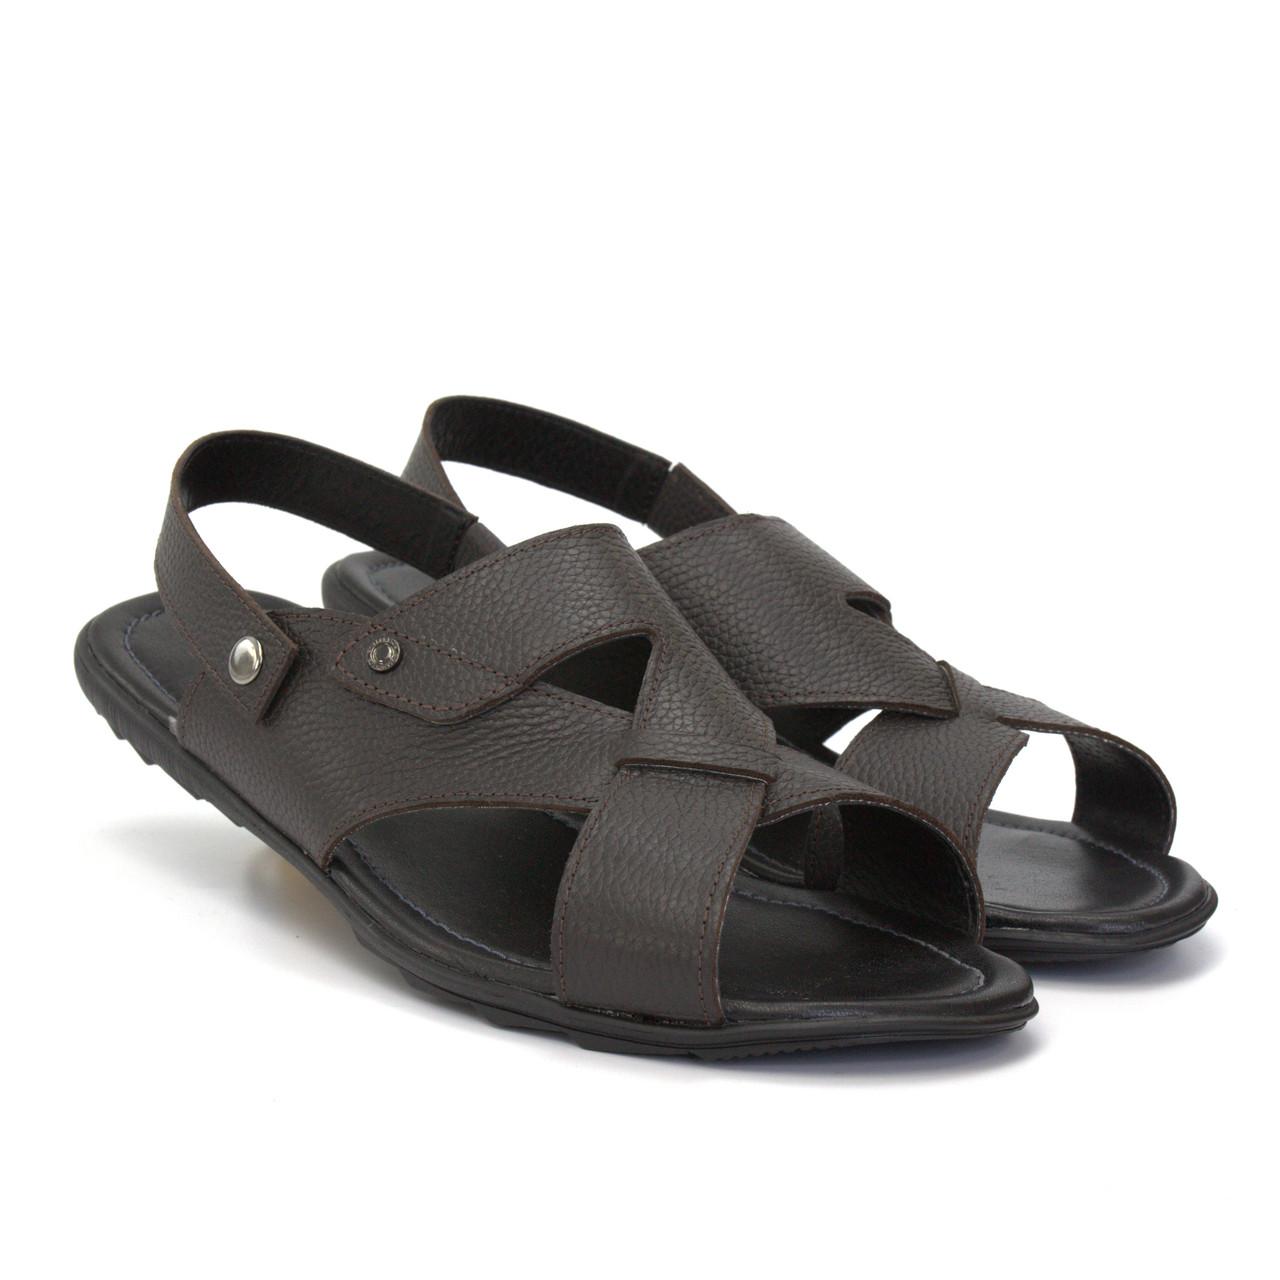 Сандалии трансформеры босоножки кожаные коричневые мужская обувь больших размеров Rosso Avangard BS Sandals Bertal Floto